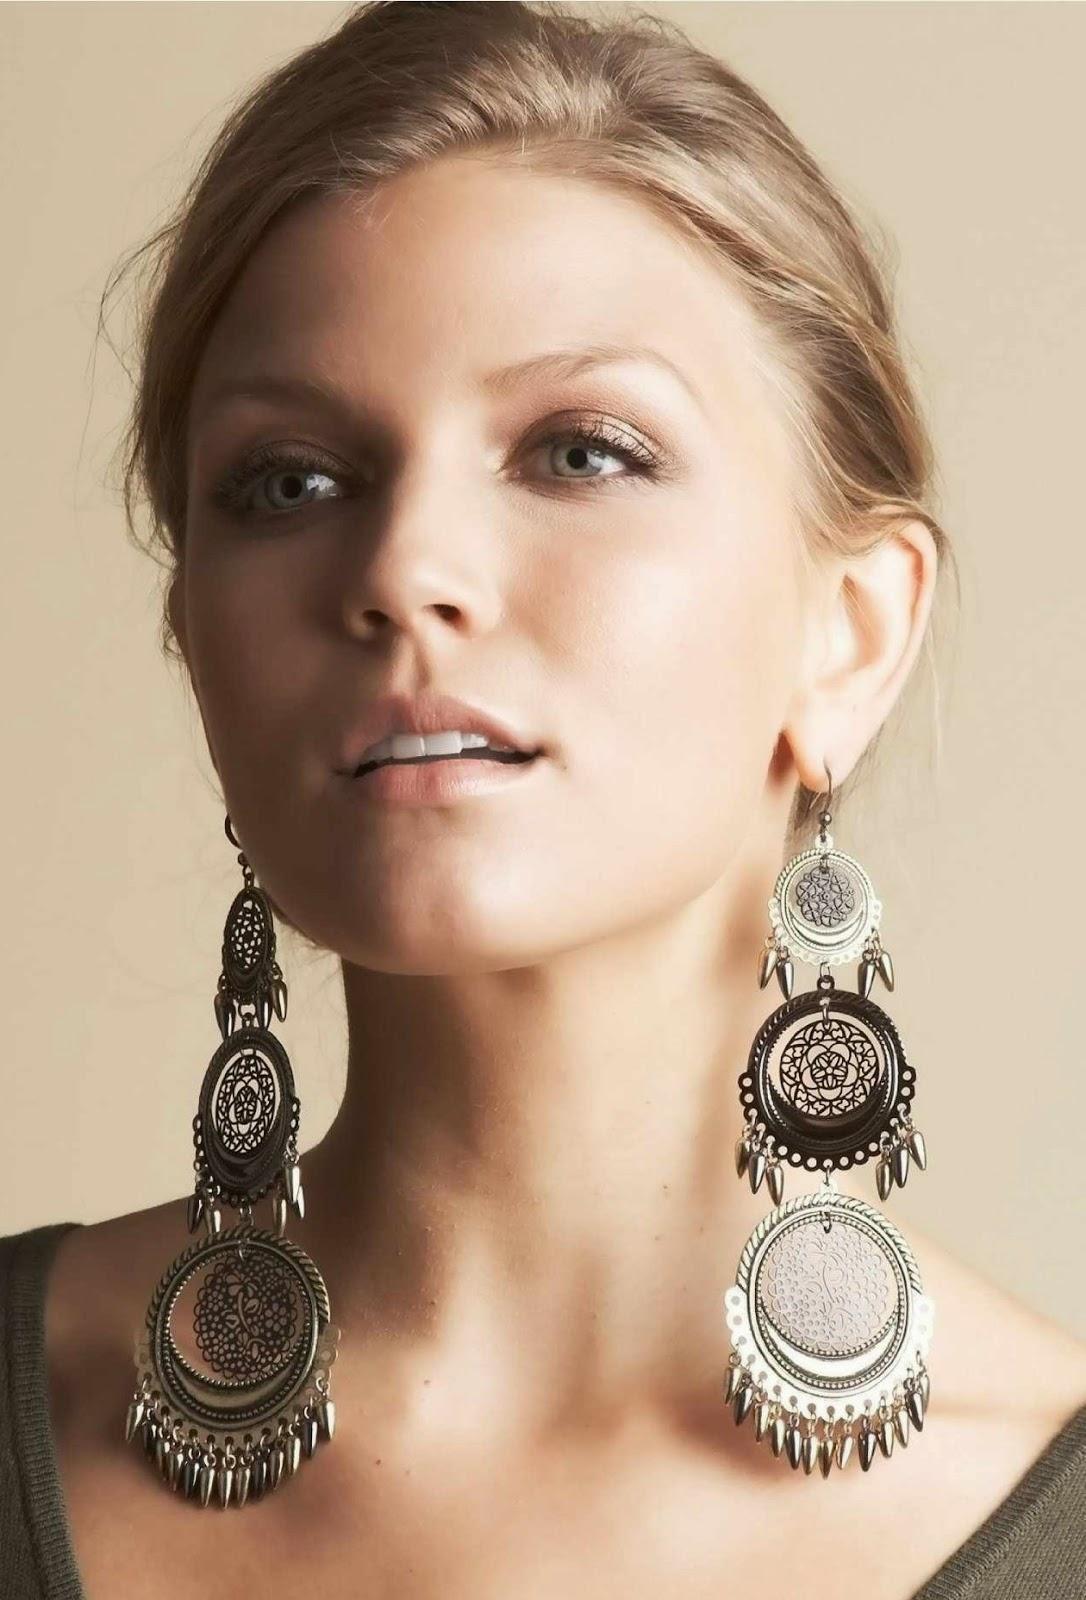 Women Wearing Earrings With Wonderful Image  playzoa.com